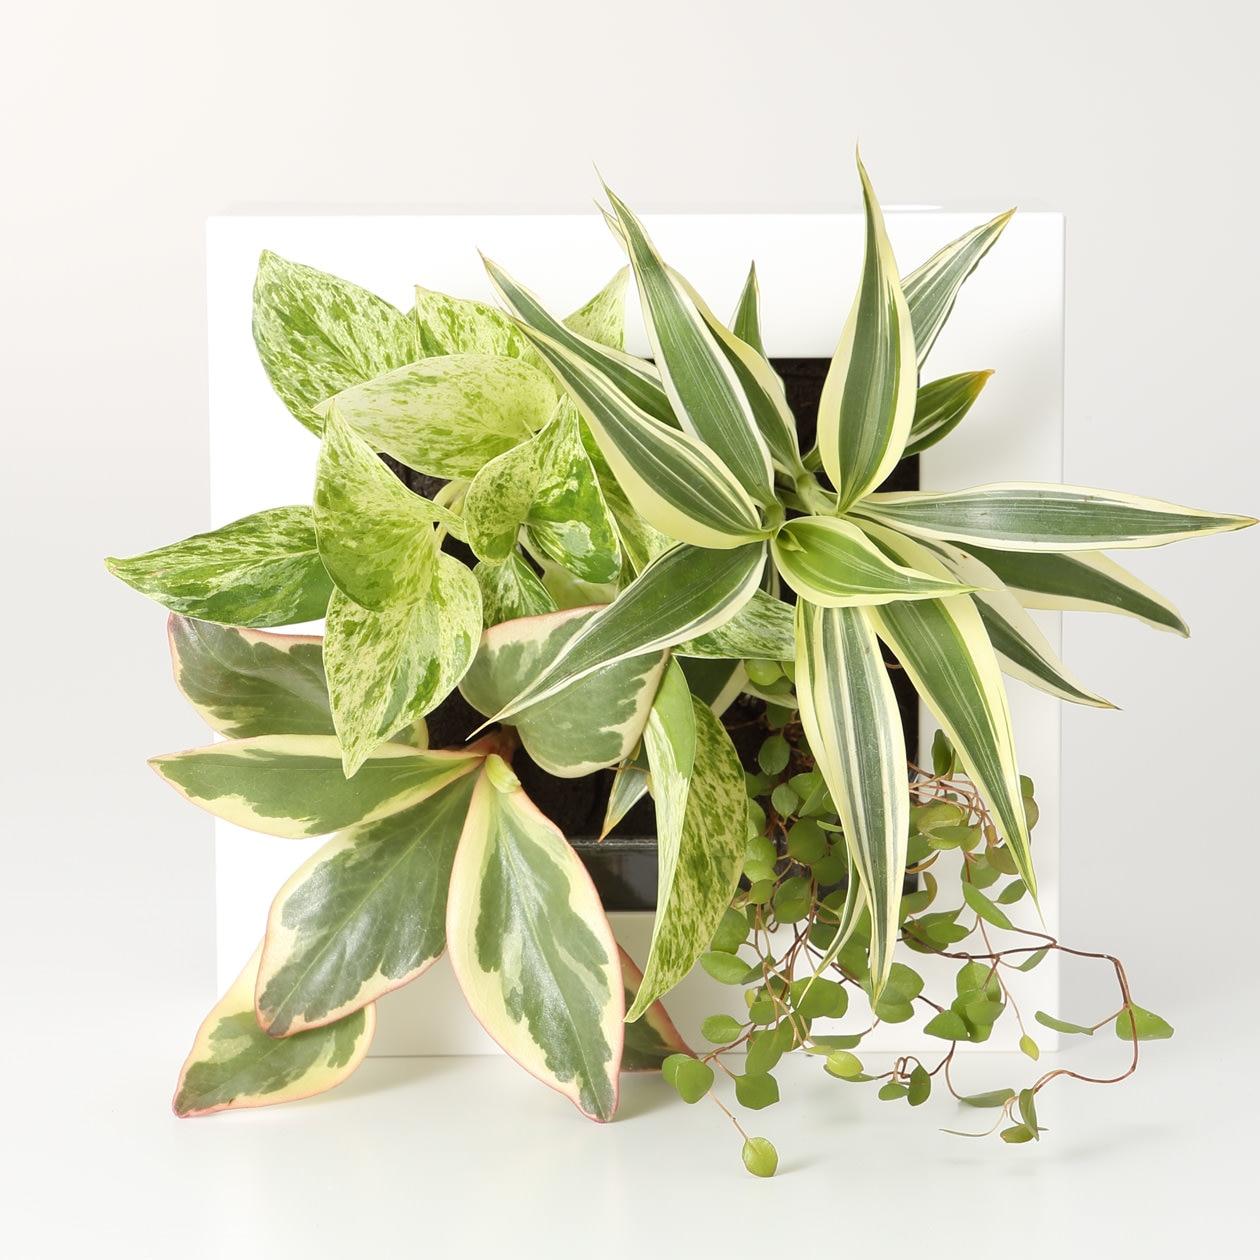 壁にかけられる観葉植物 16×16cmの写真